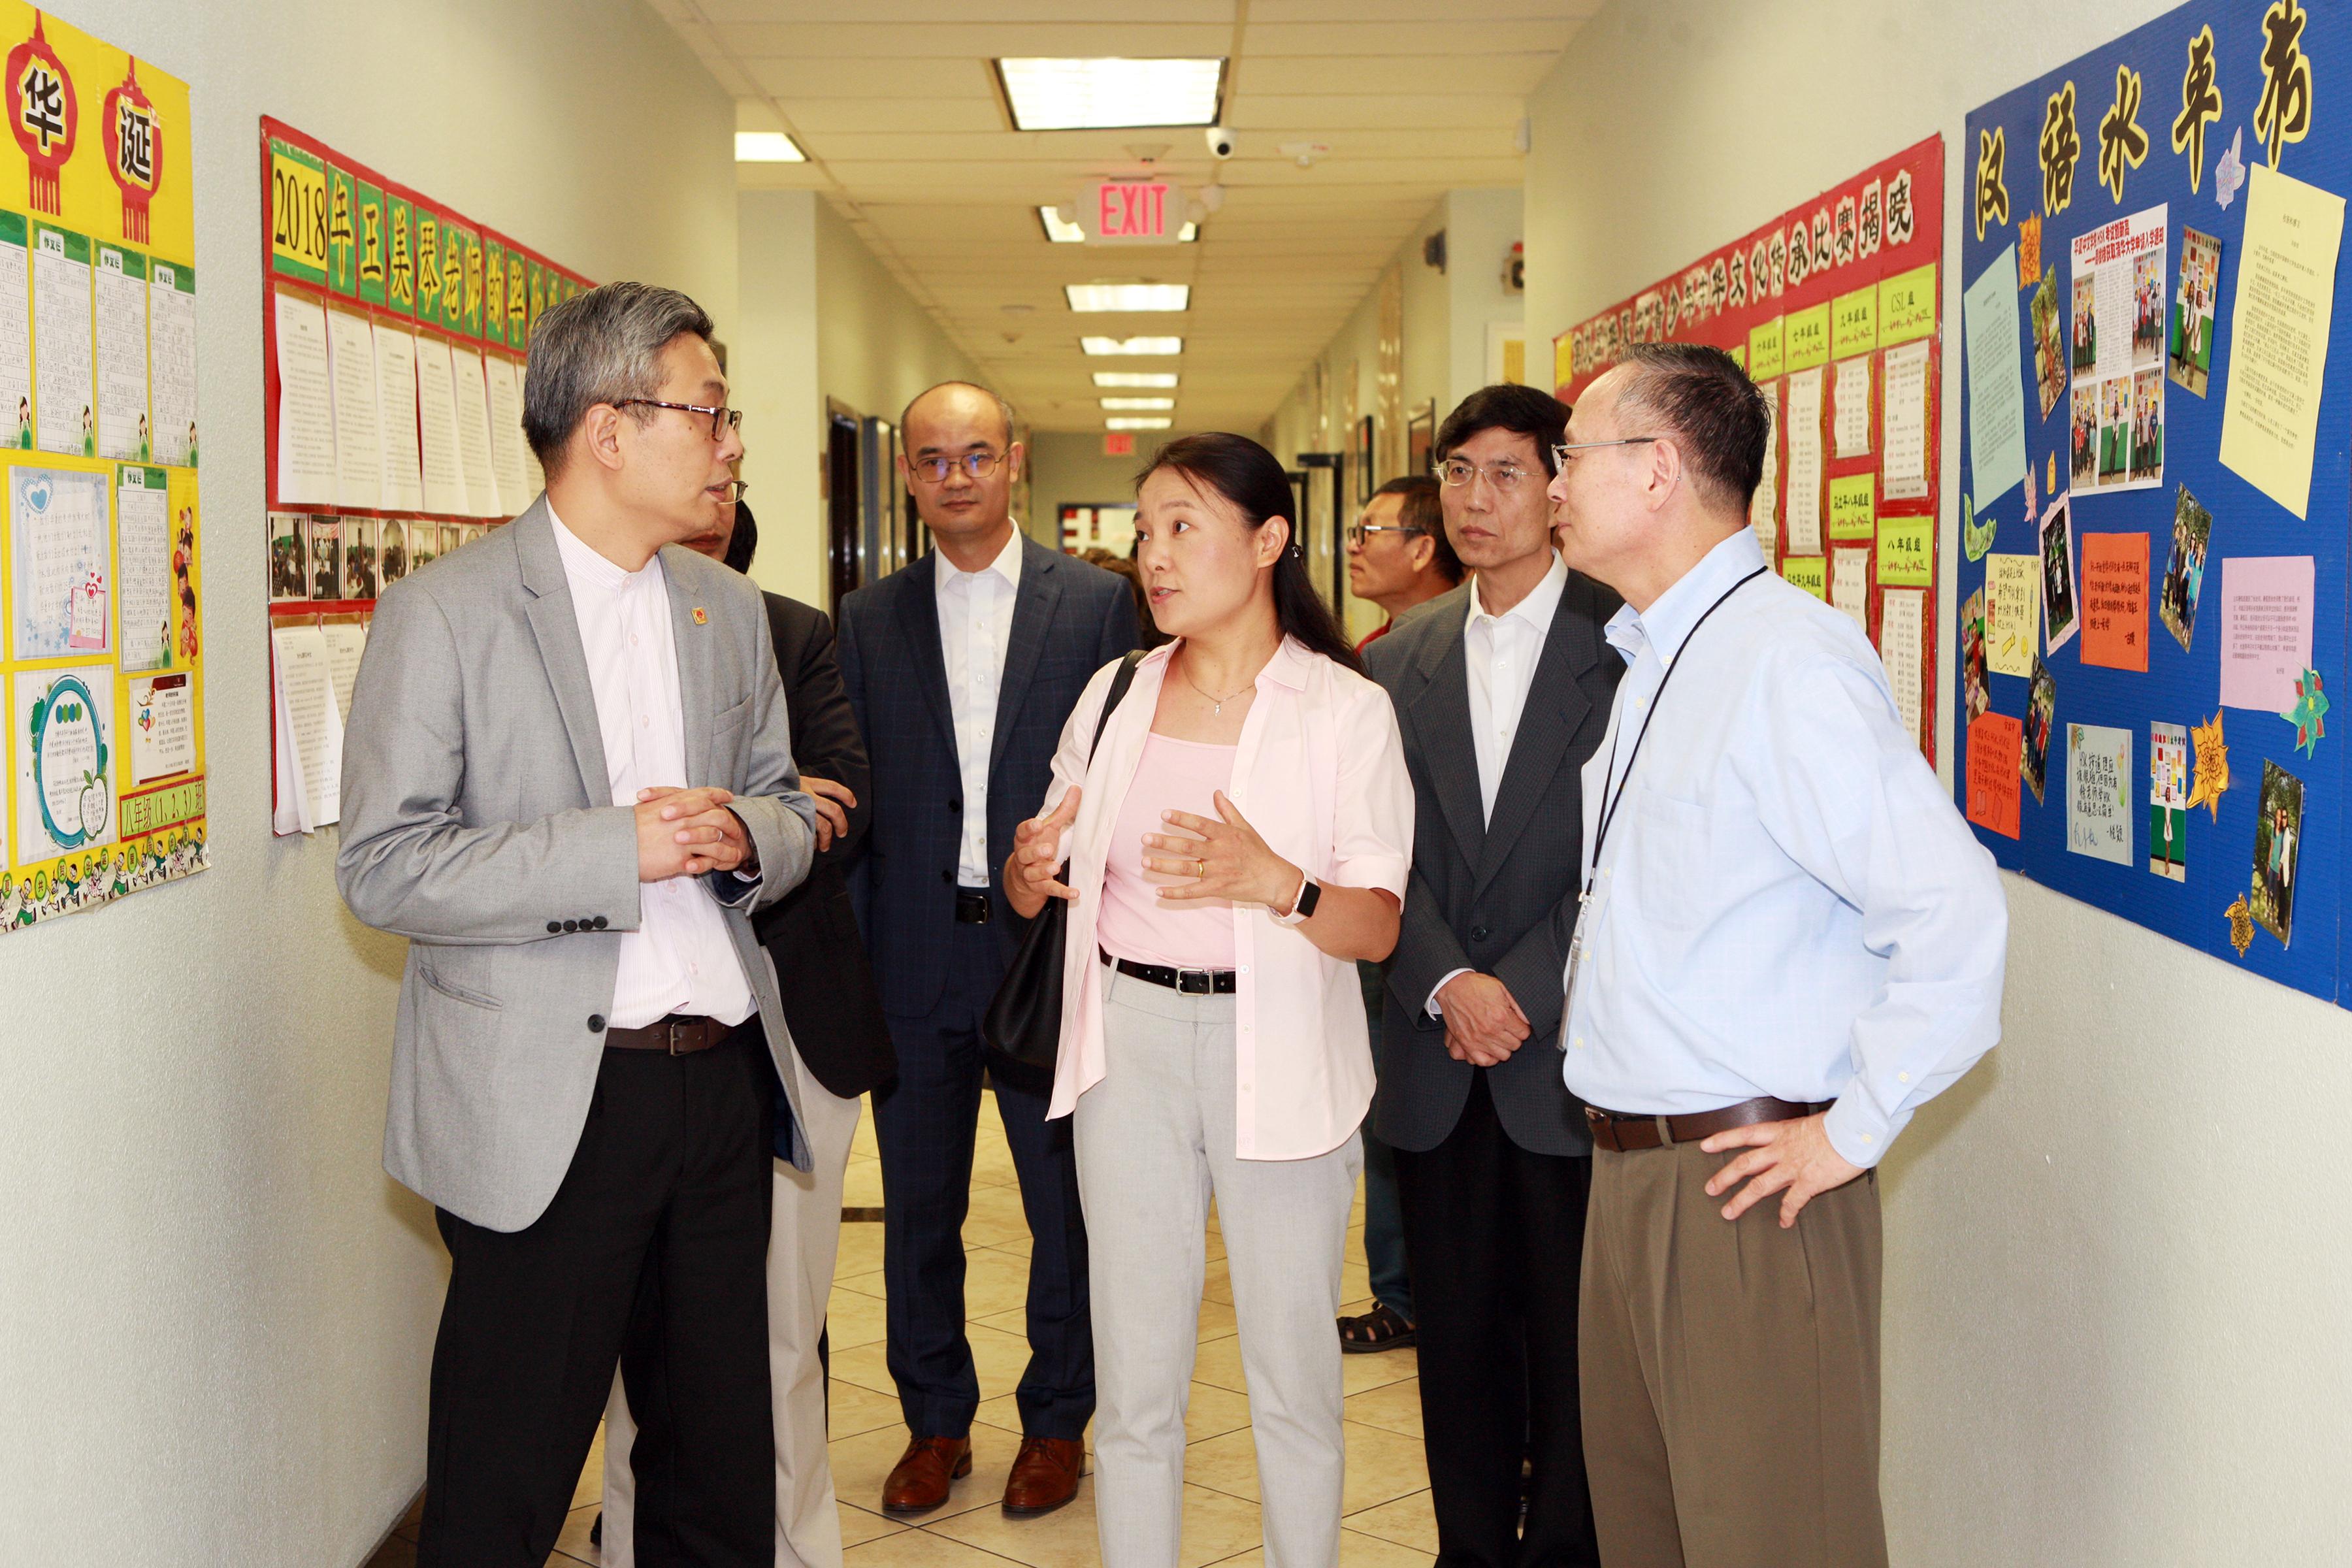 華夏中文學校總校長理事長朱莉(中)向蔡偉(左一)介紹學校情況。(記者賈忠/攝影)